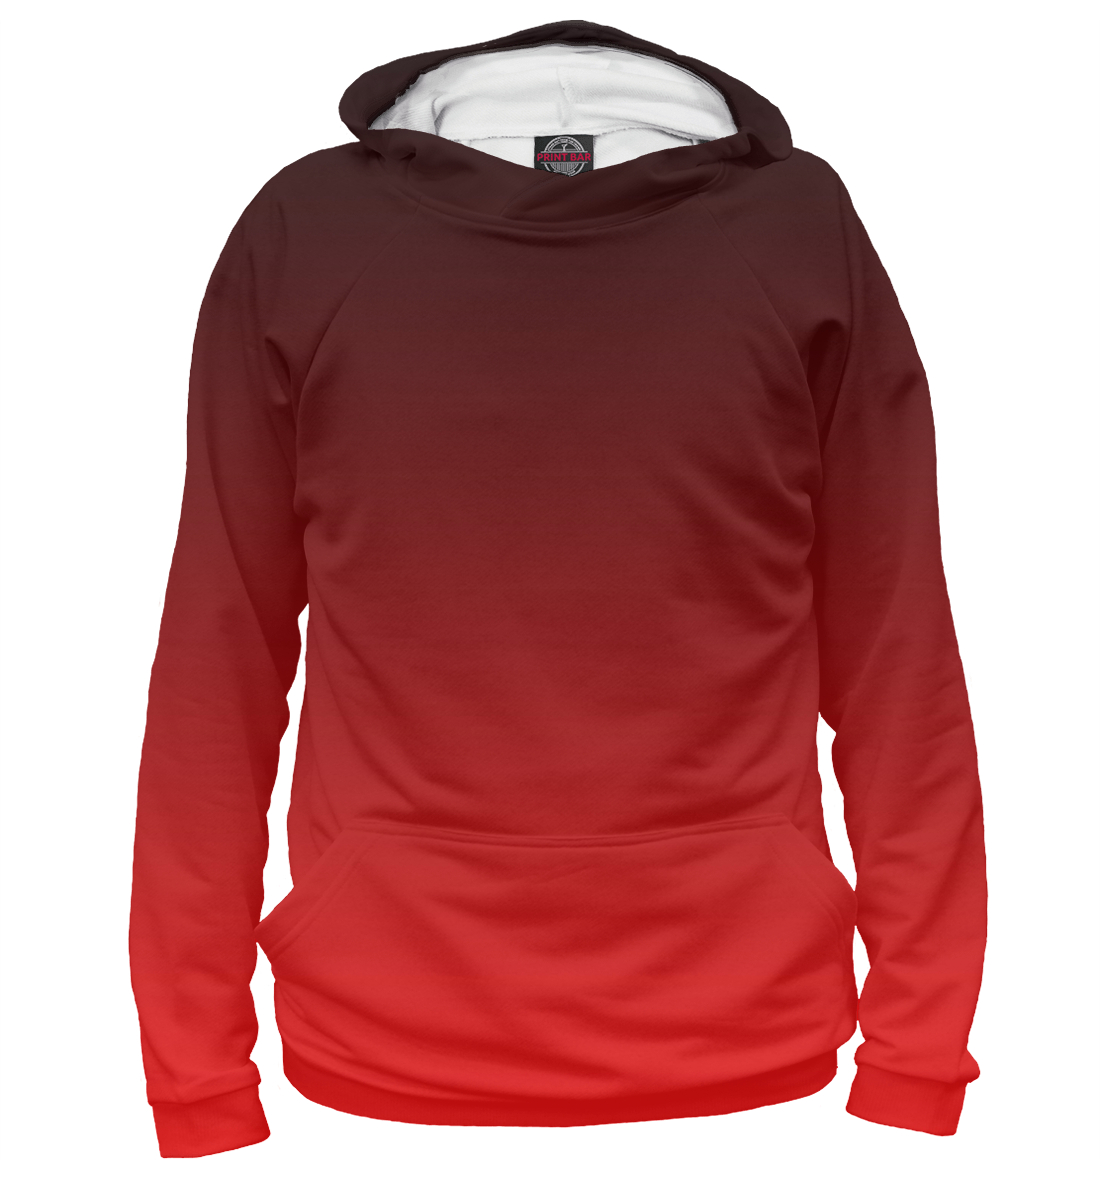 Купить Градиент Красный в Черный, Printbar, Худи, CLR-933713-hud-2